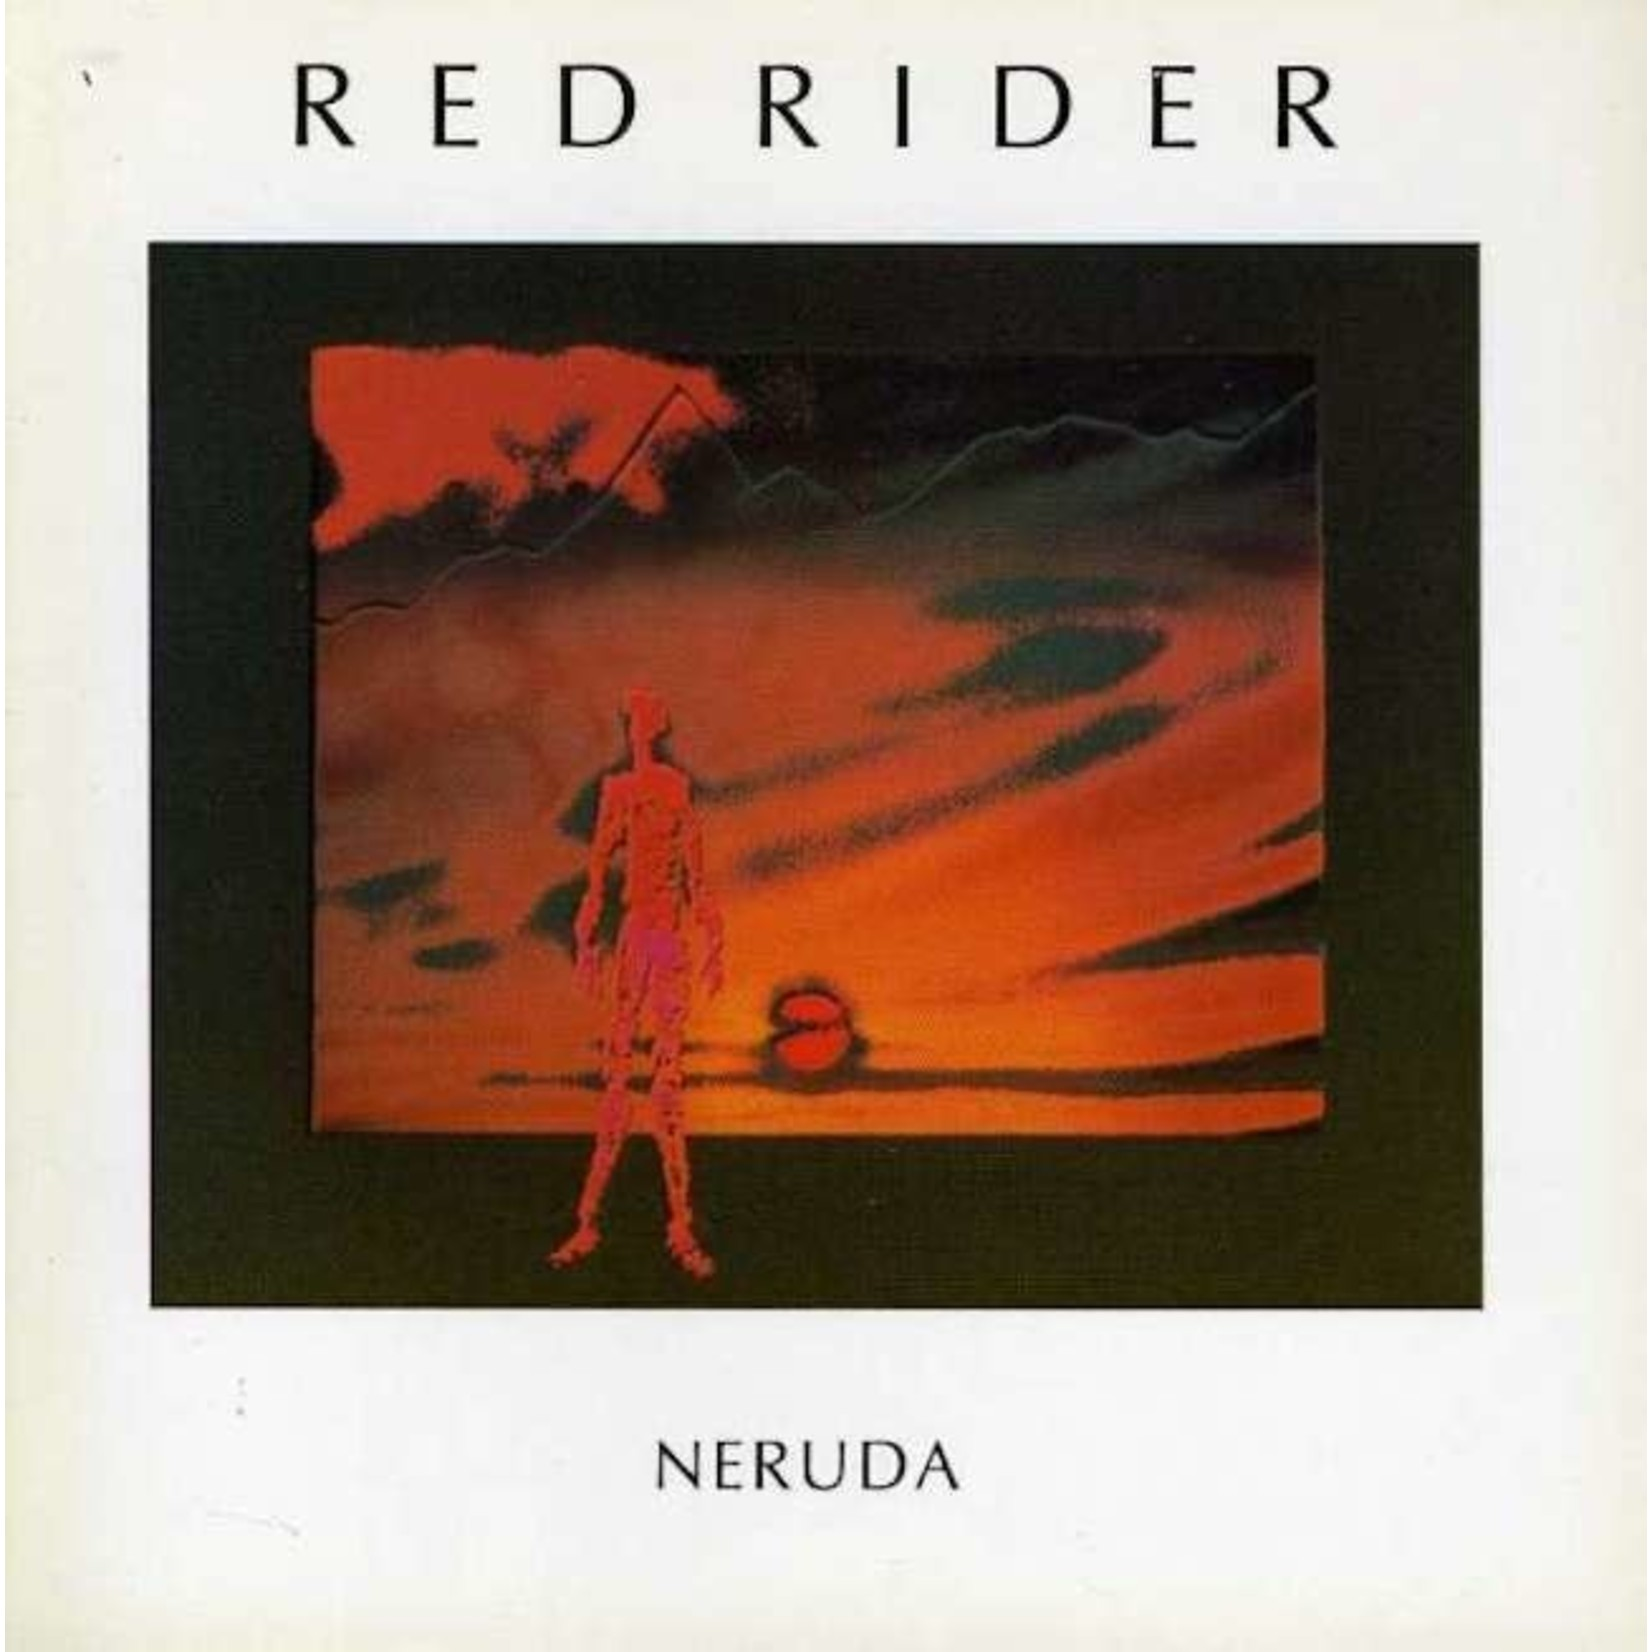 [Vintage] Red Rider: Neruda